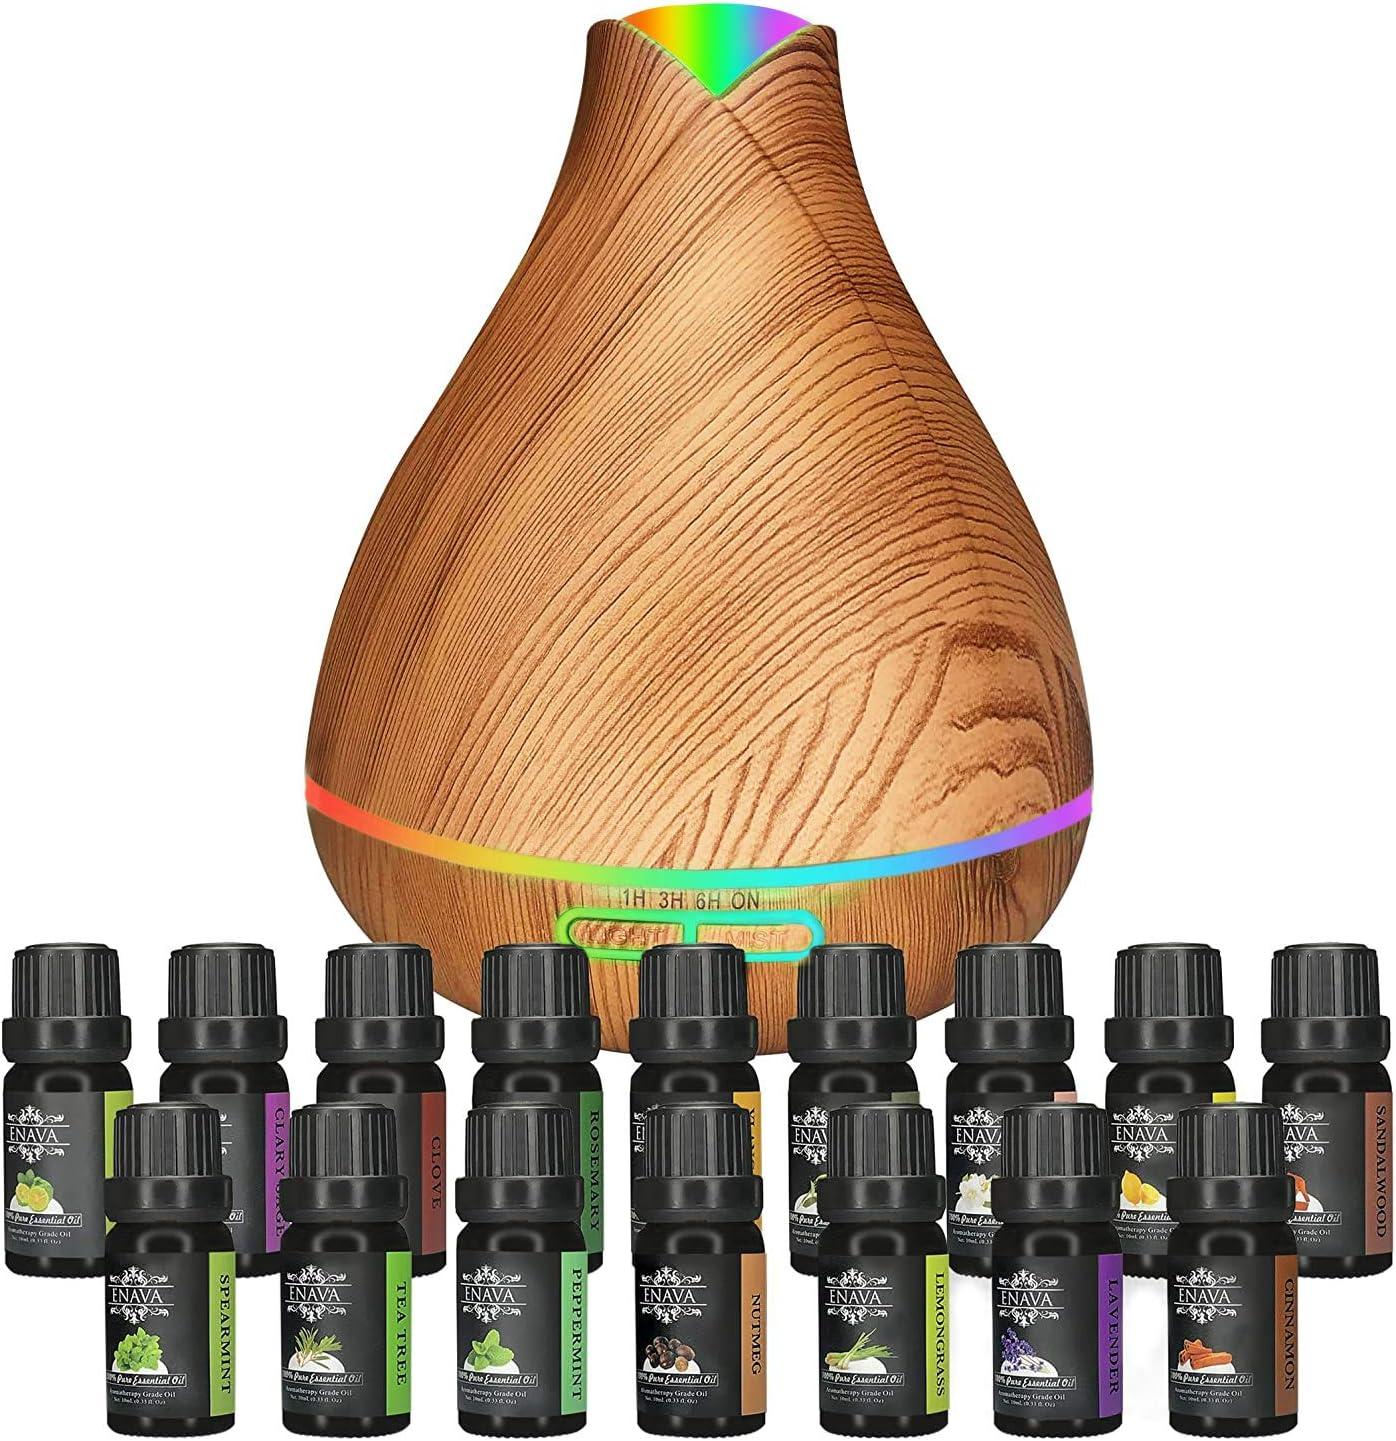 Enava Organics Essential Oil Diffuser